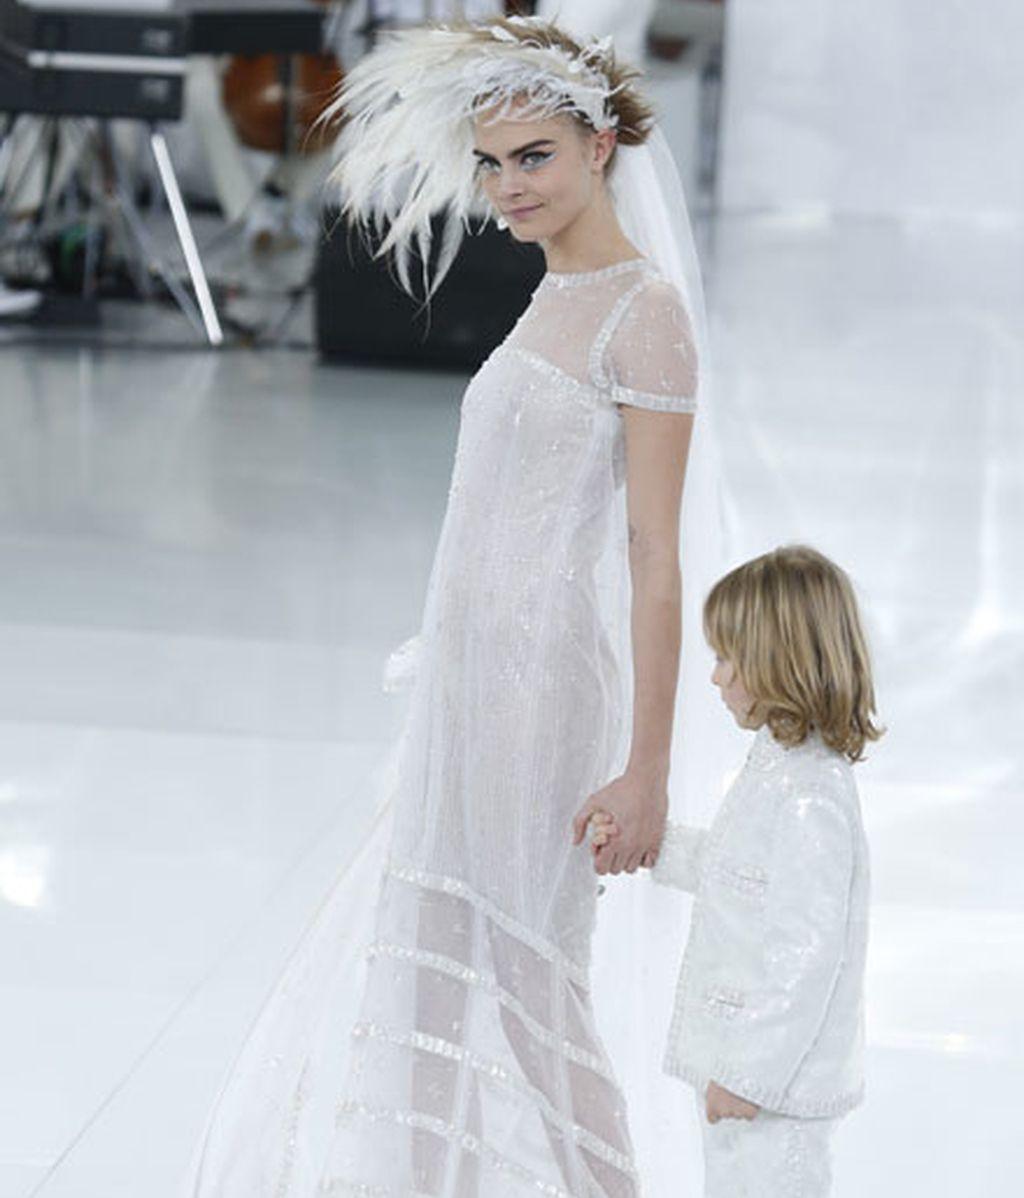 La musa de Karl Lagerfeld desafía los cánones